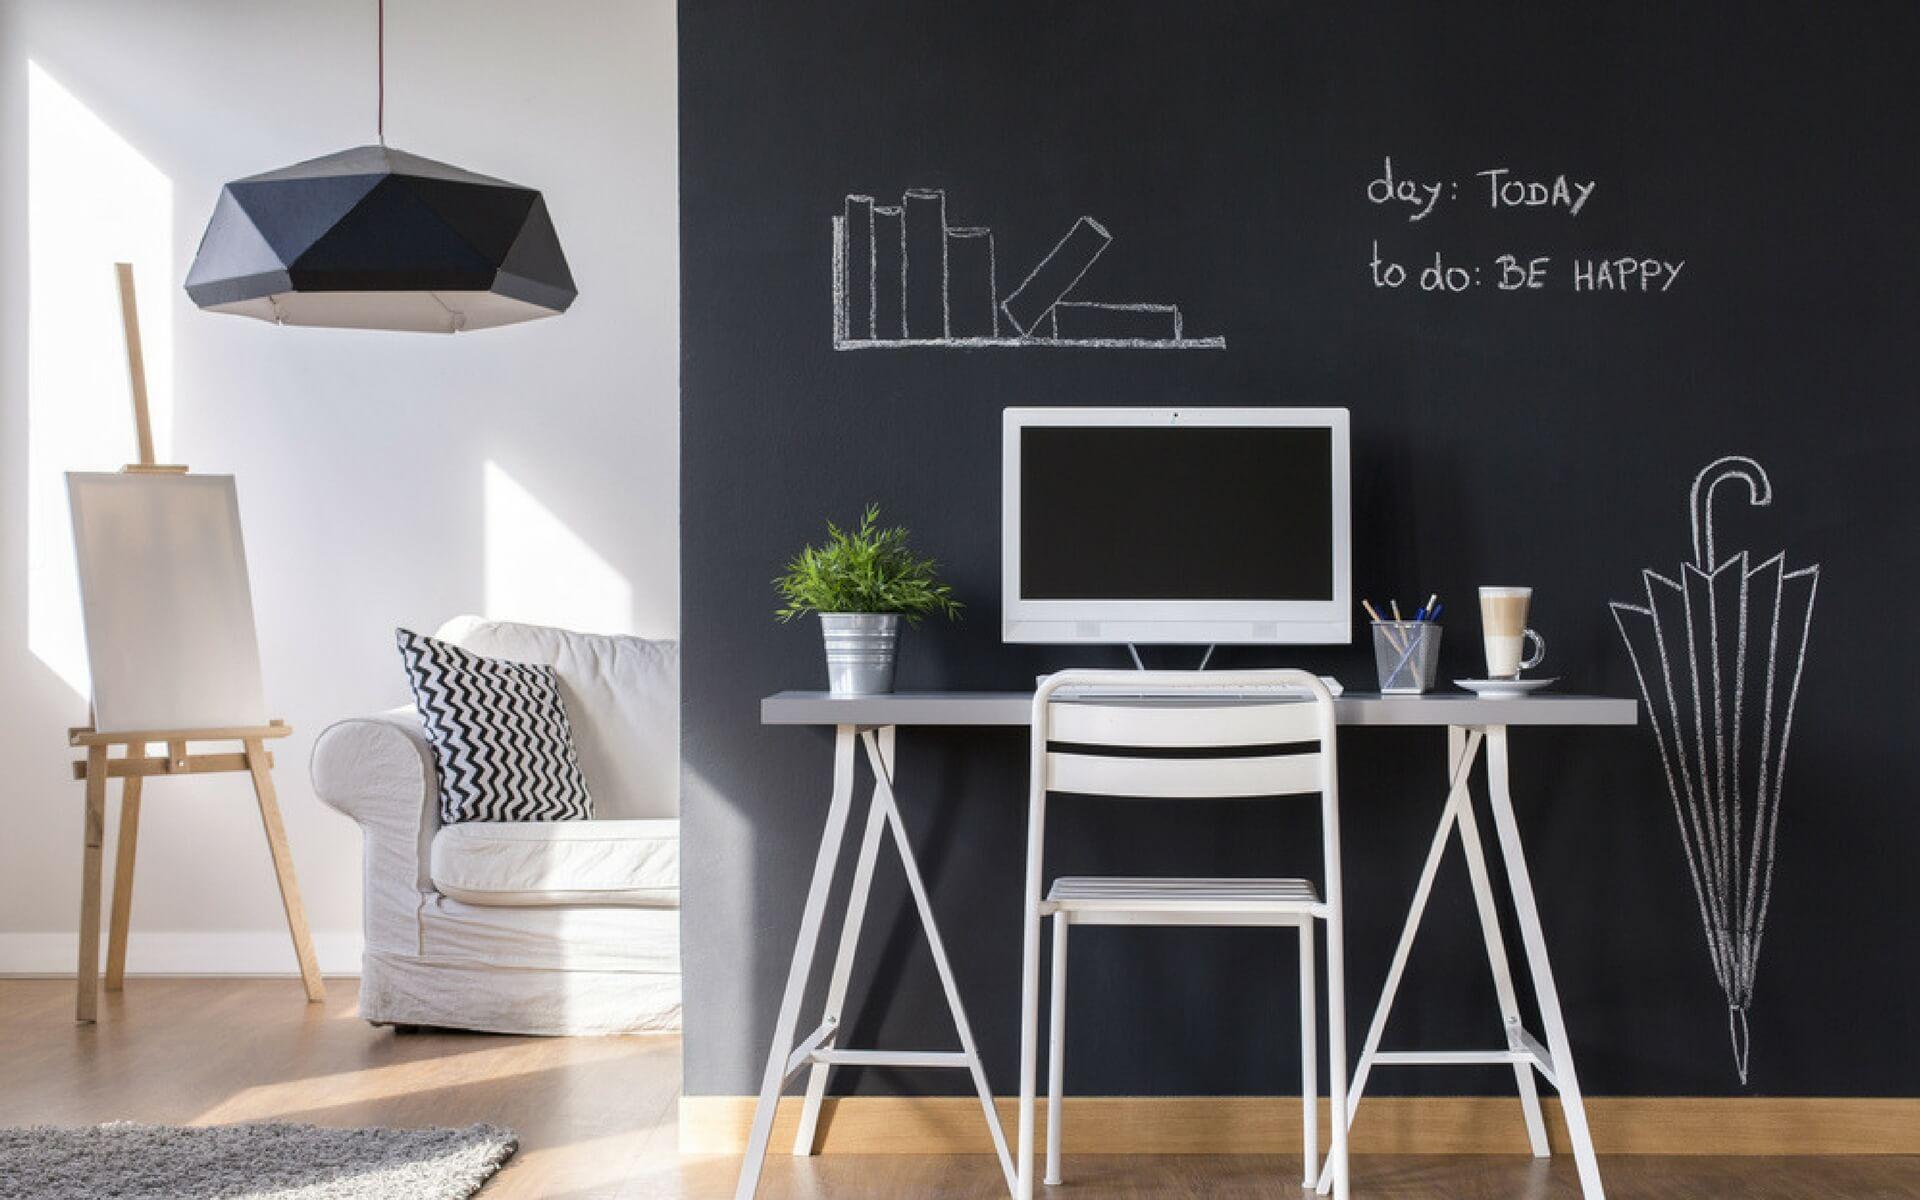 Fare Una Parete Di Lavagna : Decorare le pareti con vernice lavagna oknoplast